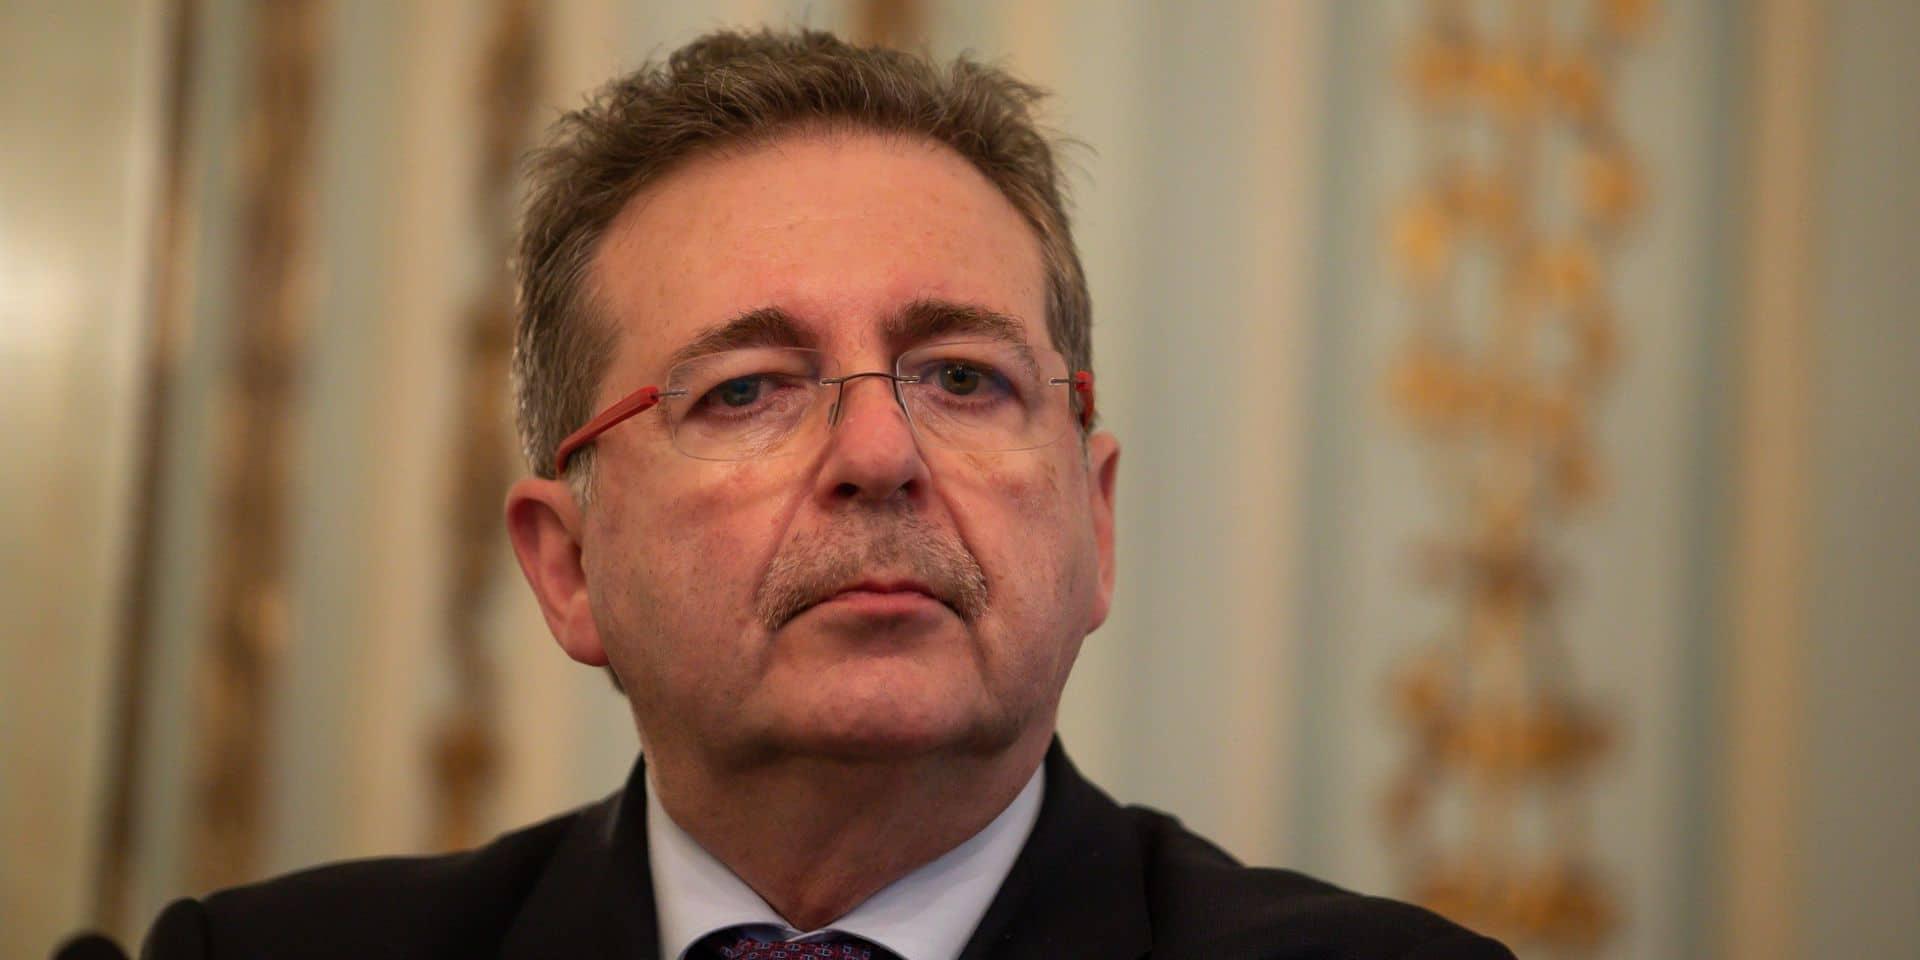 Le MR demande au gouvernement Vervoort de subventionner l'achat de véhicules électriques